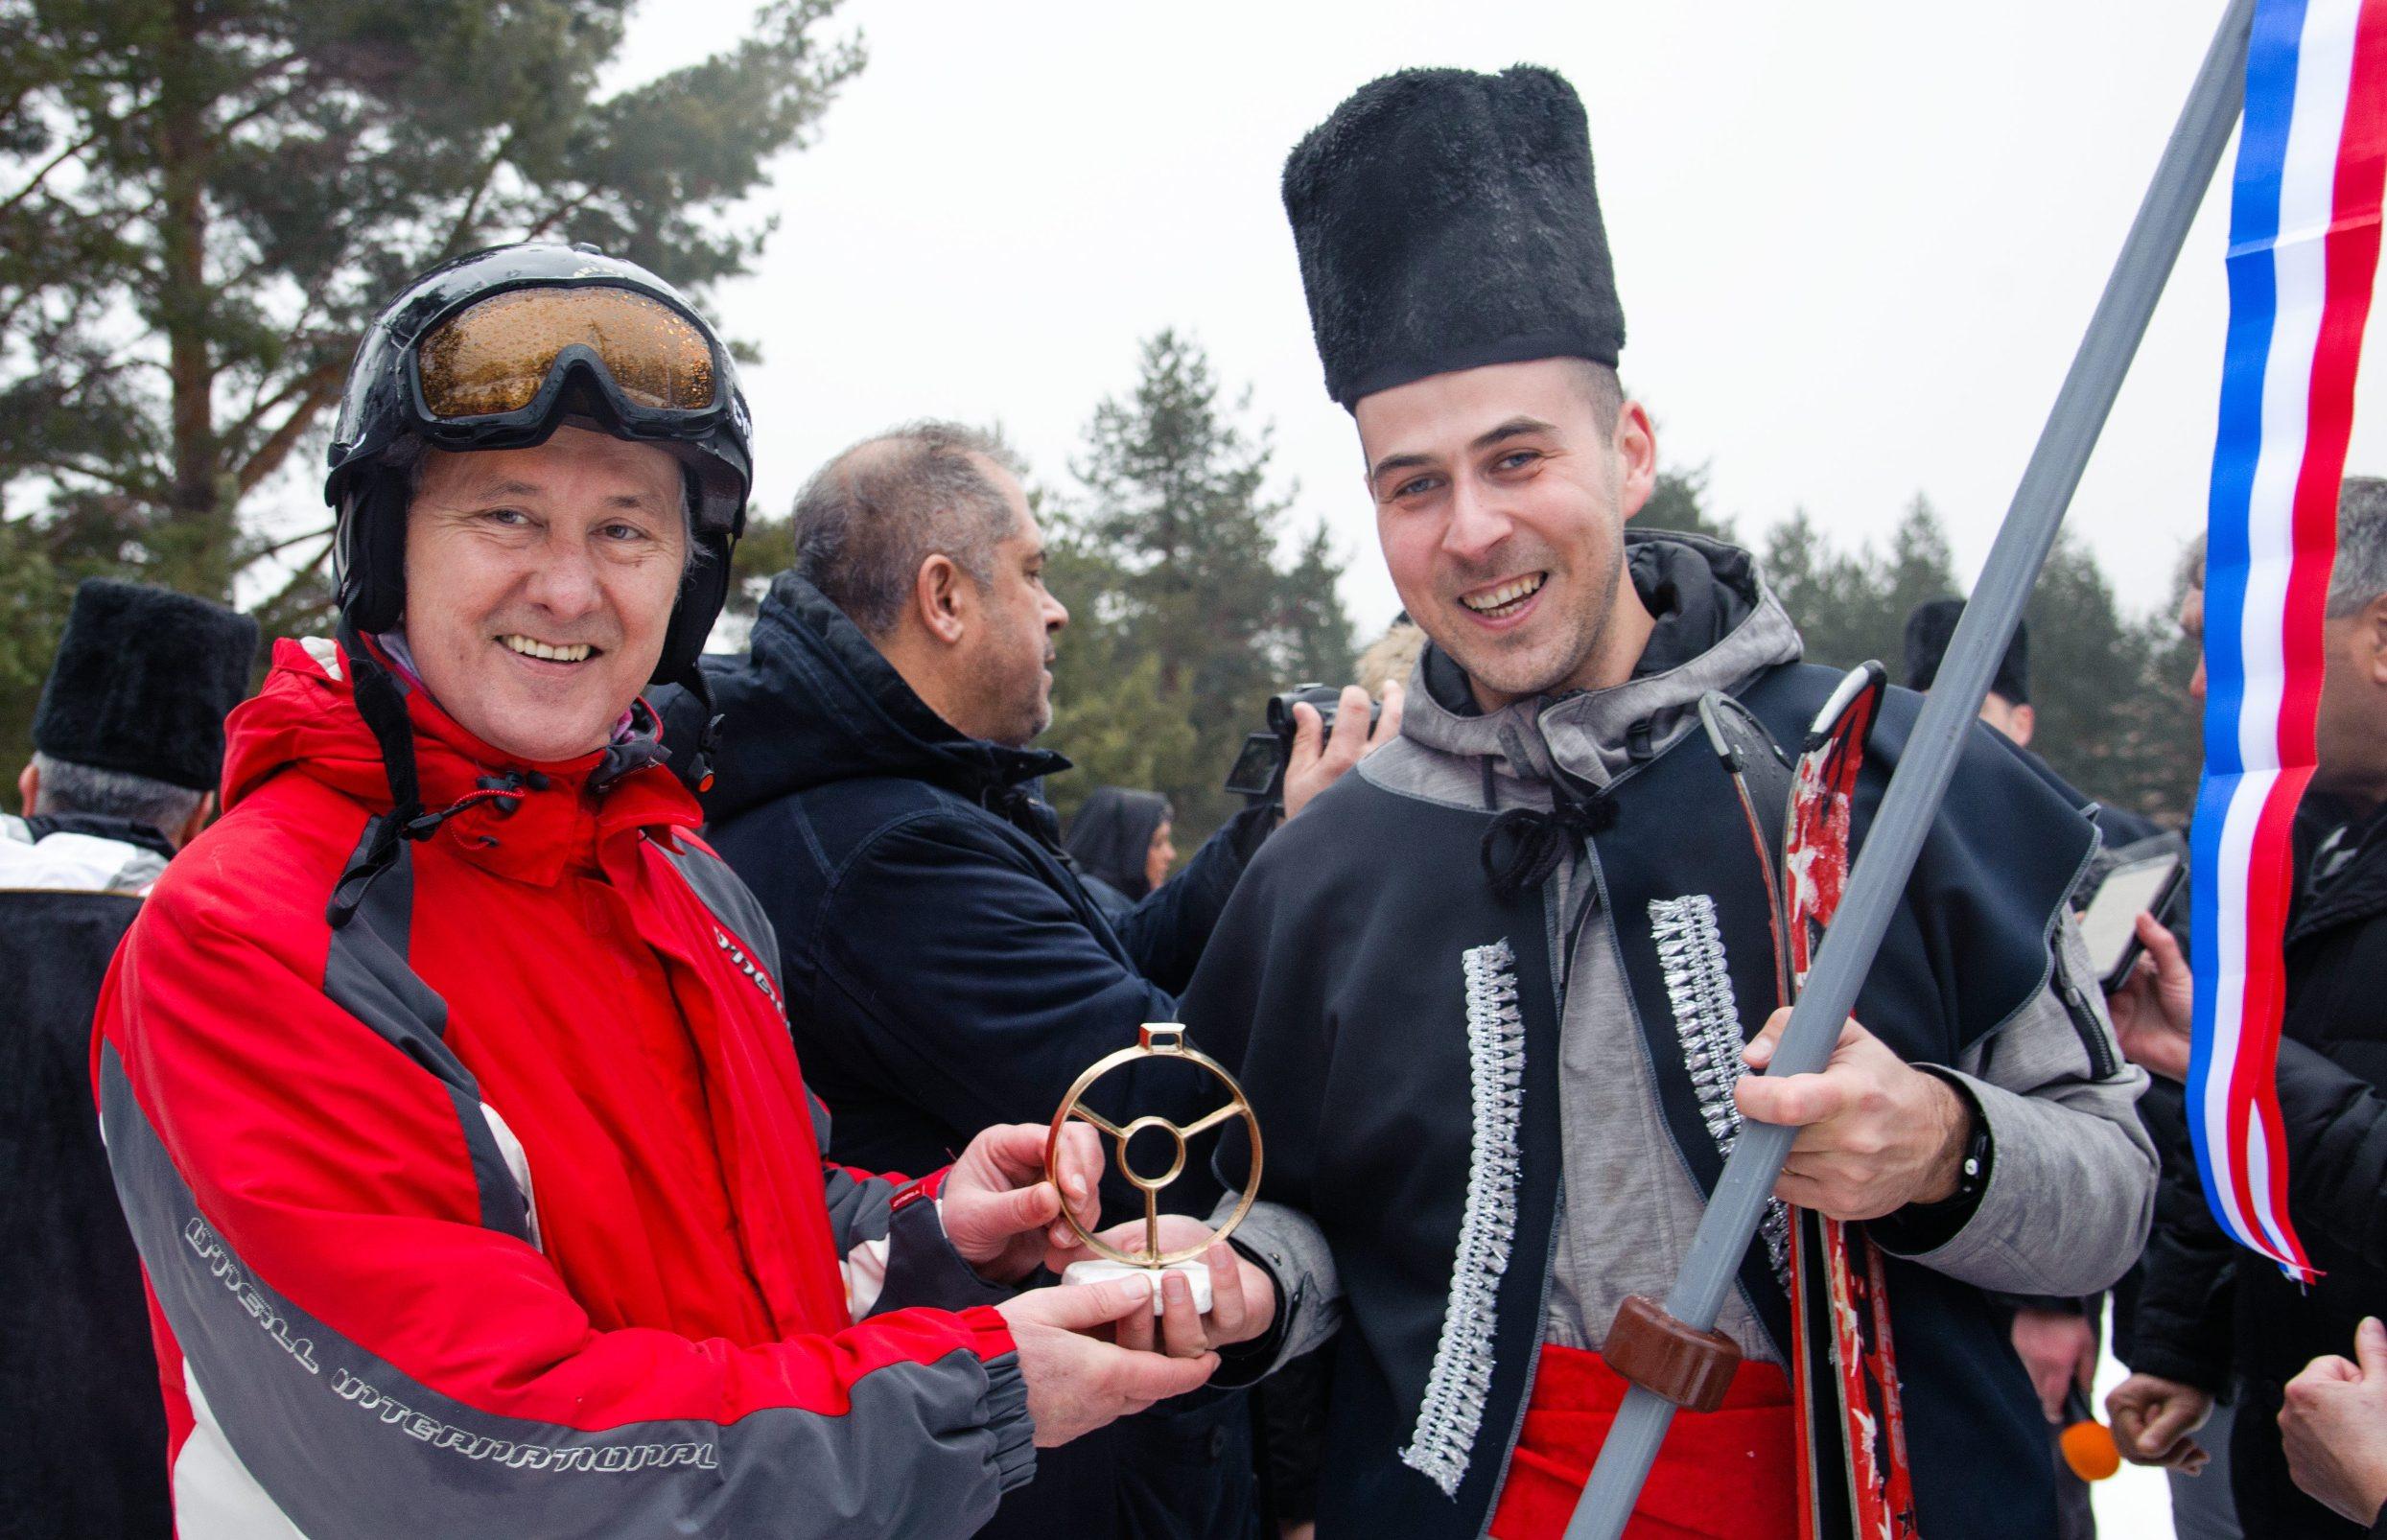 Predsjednik VAD-a Stipe Jukić i pobjednik Marko Vrca.